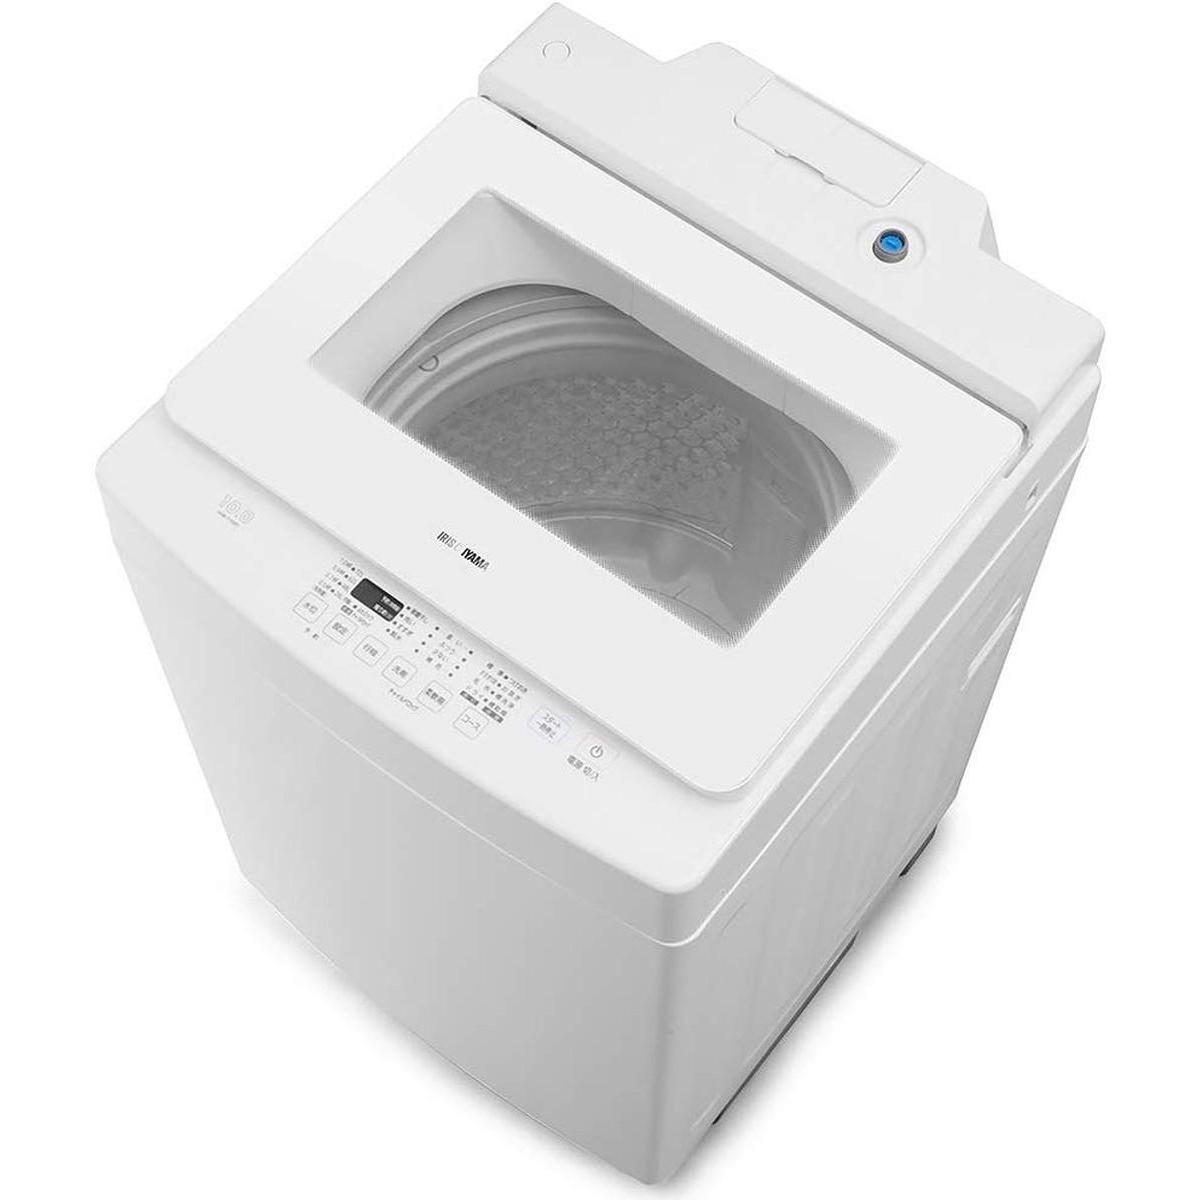 【エントリーでポイント9倍】【I】【代引不可】アイリスオーヤマ 洗濯機 10kg 全自動洗濯機 自動洗剤投入 幅58.6cm ホワイト IAW-T1001【05/09 20:00~05/16 01:59】